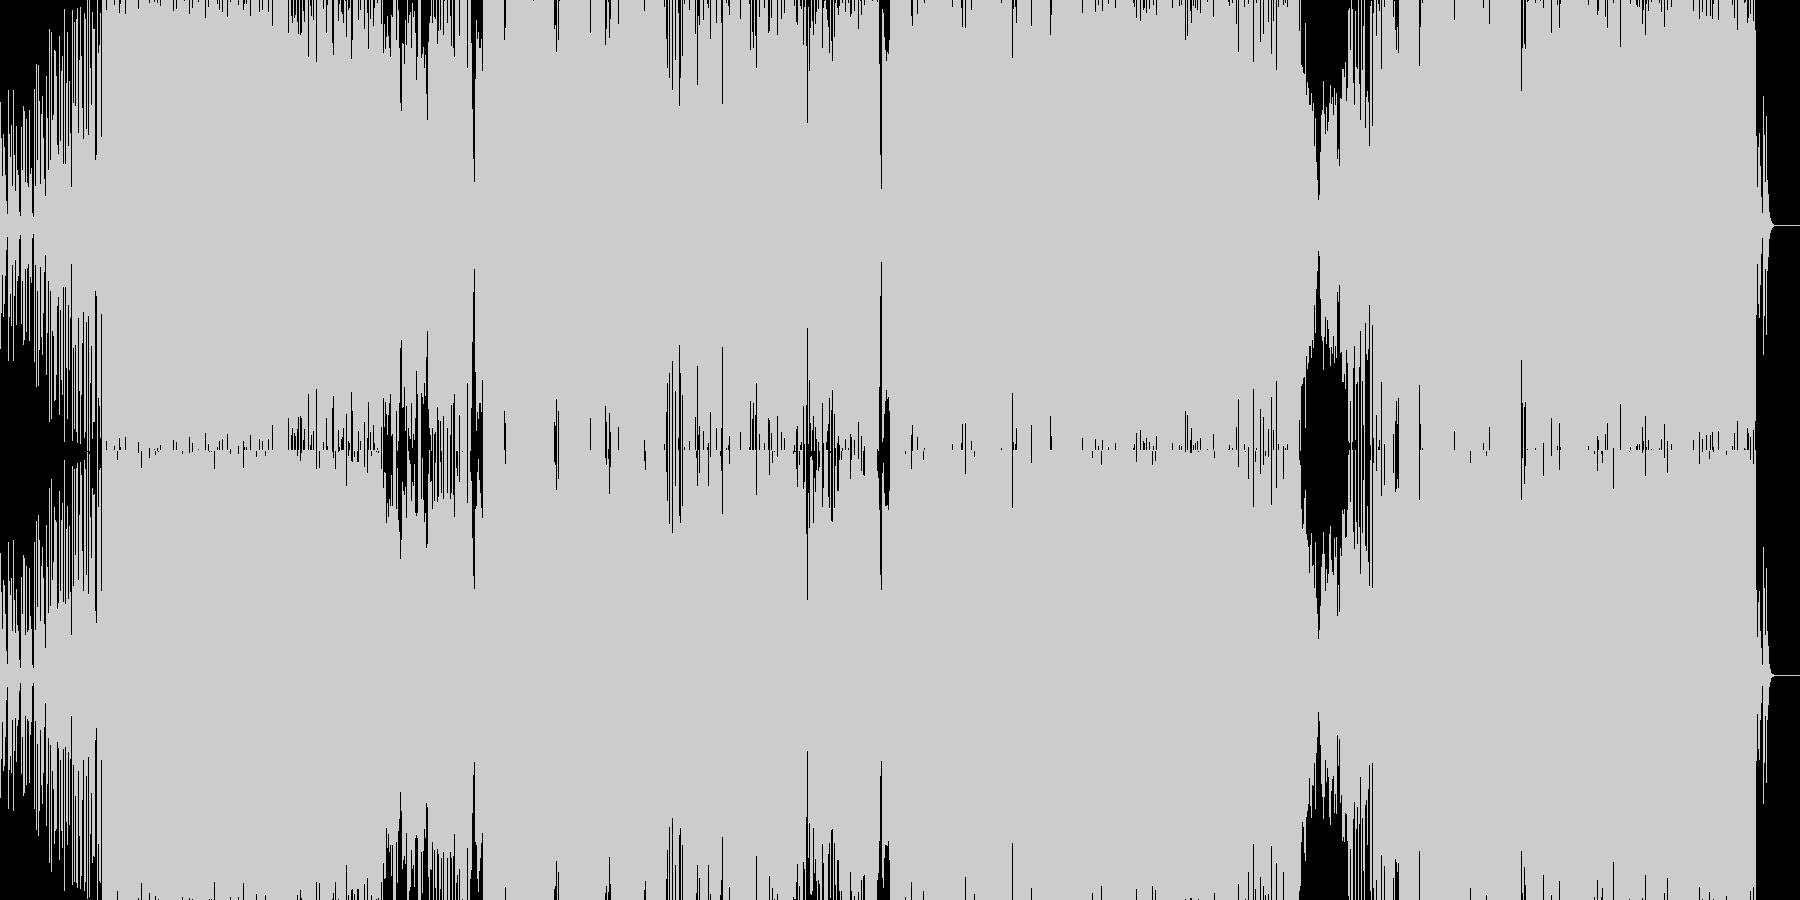 幻想的なフレーズから始まるロックEDMの未再生の波形